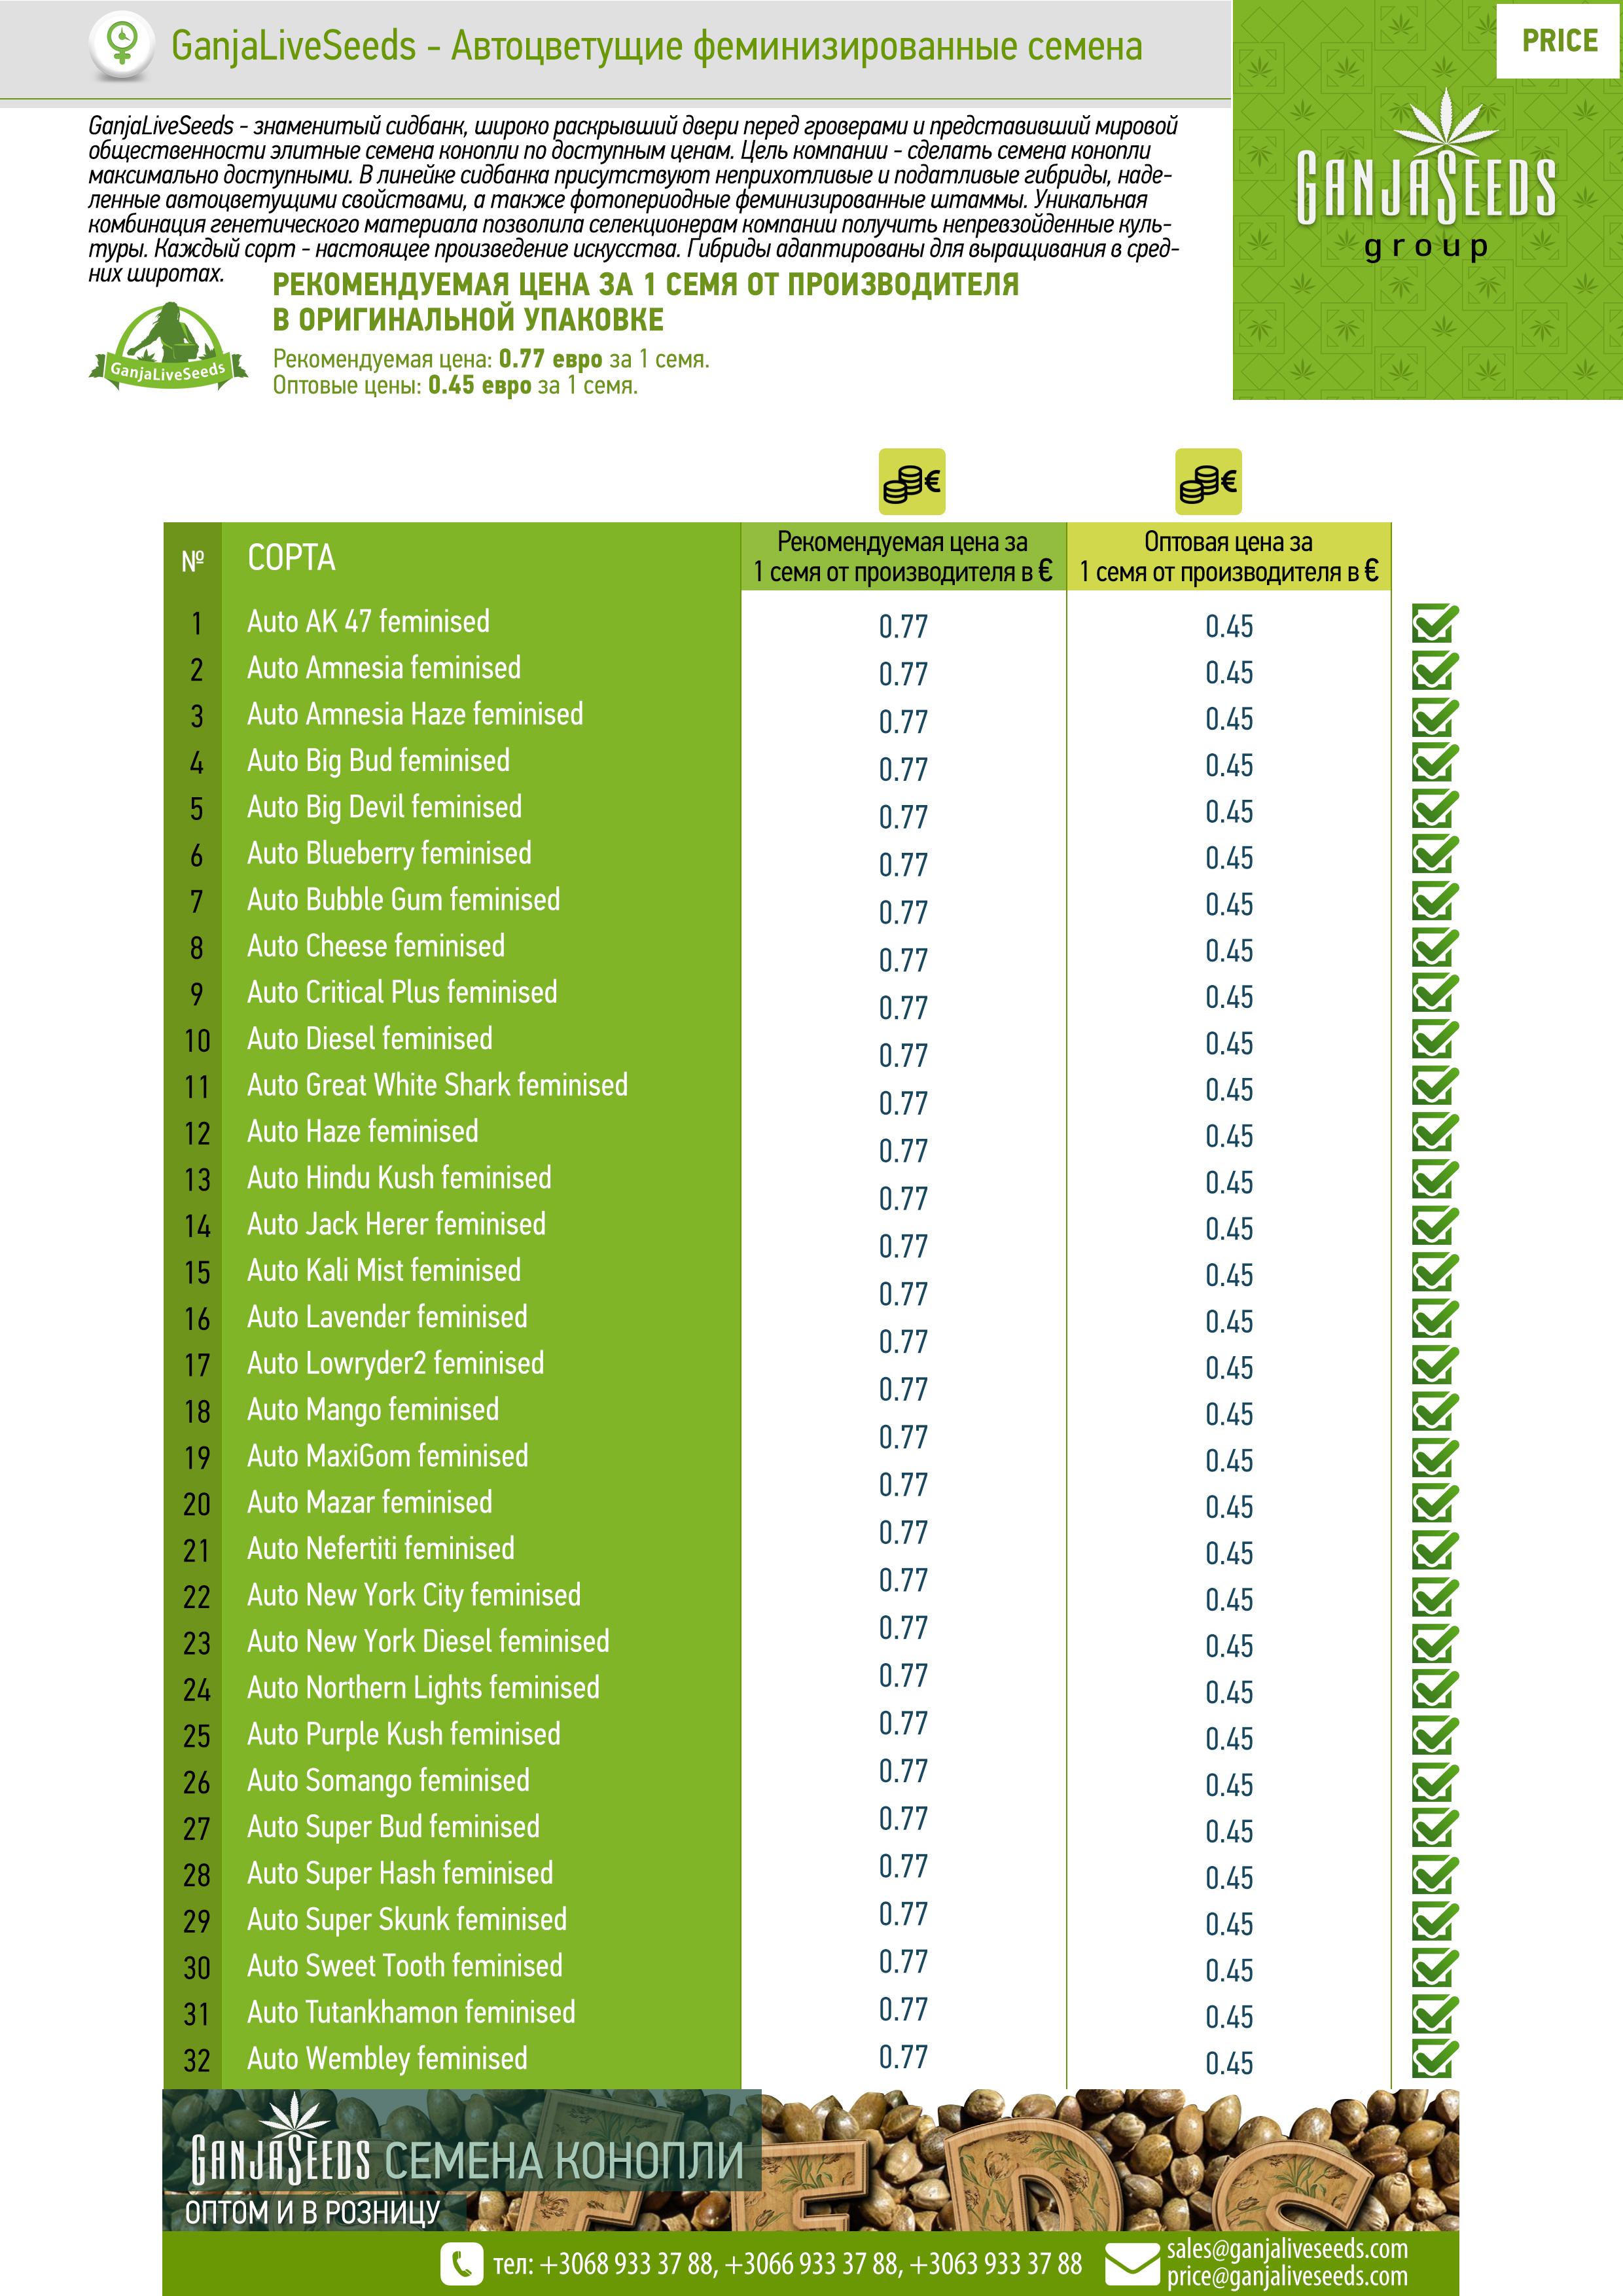 Оптовые цены на семена конопли GanjaLiveSeeds